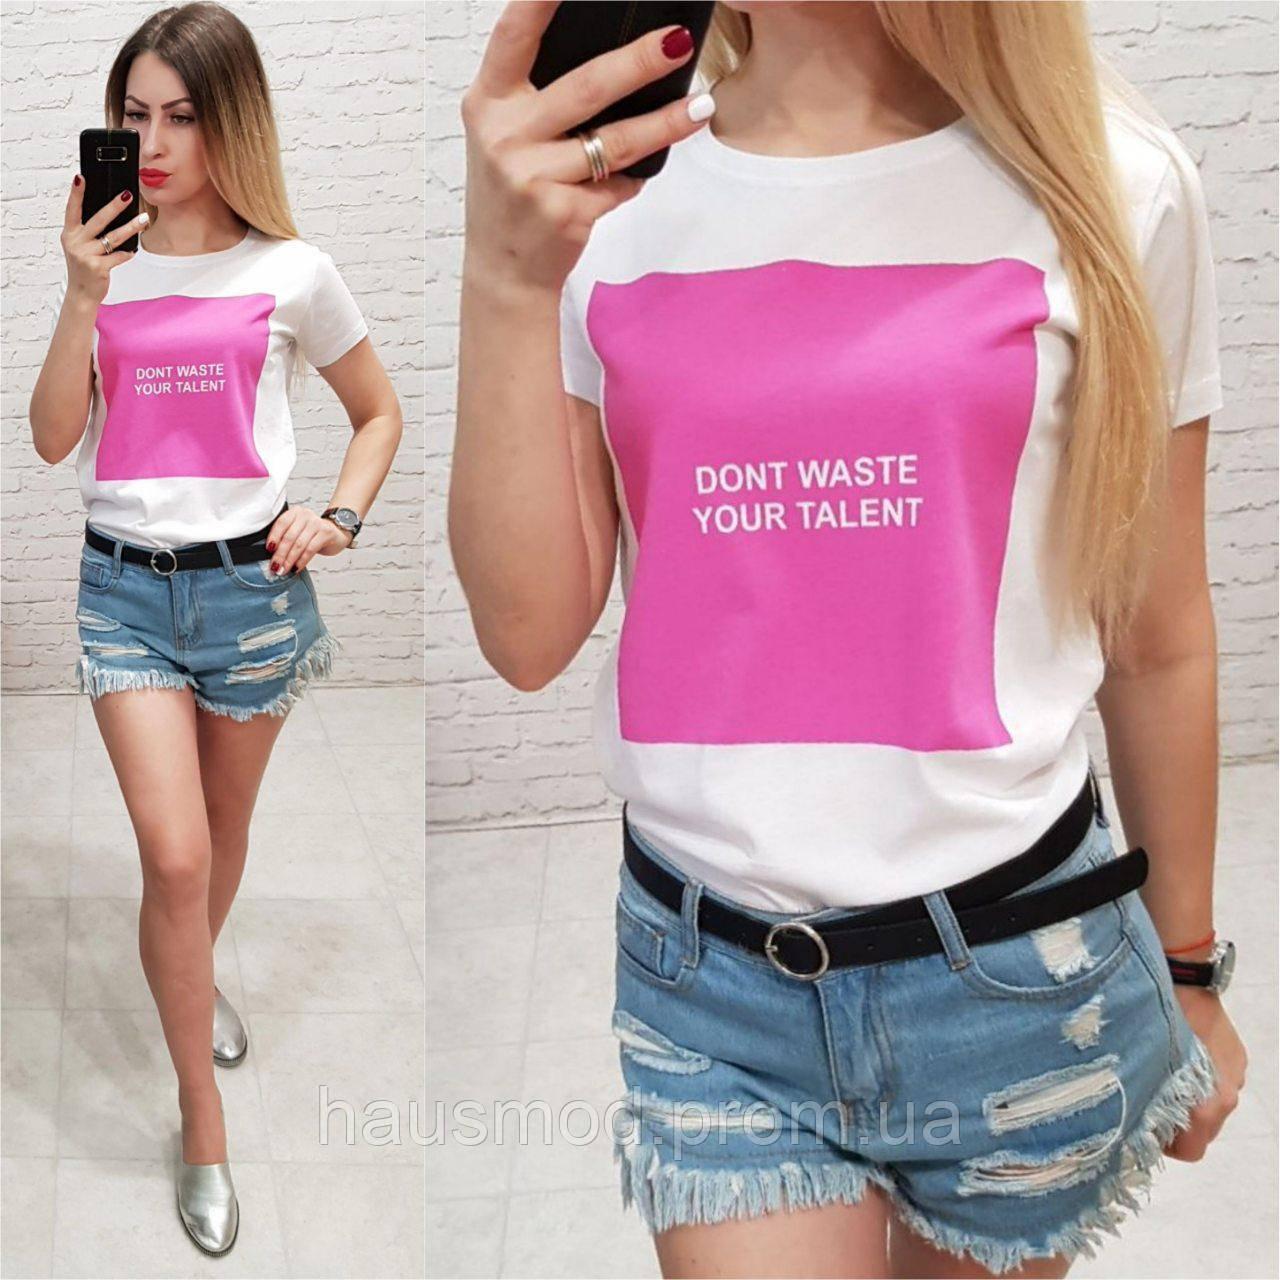 Женская футболка летняя надпись Dont 100% катон качество турция цвет белый